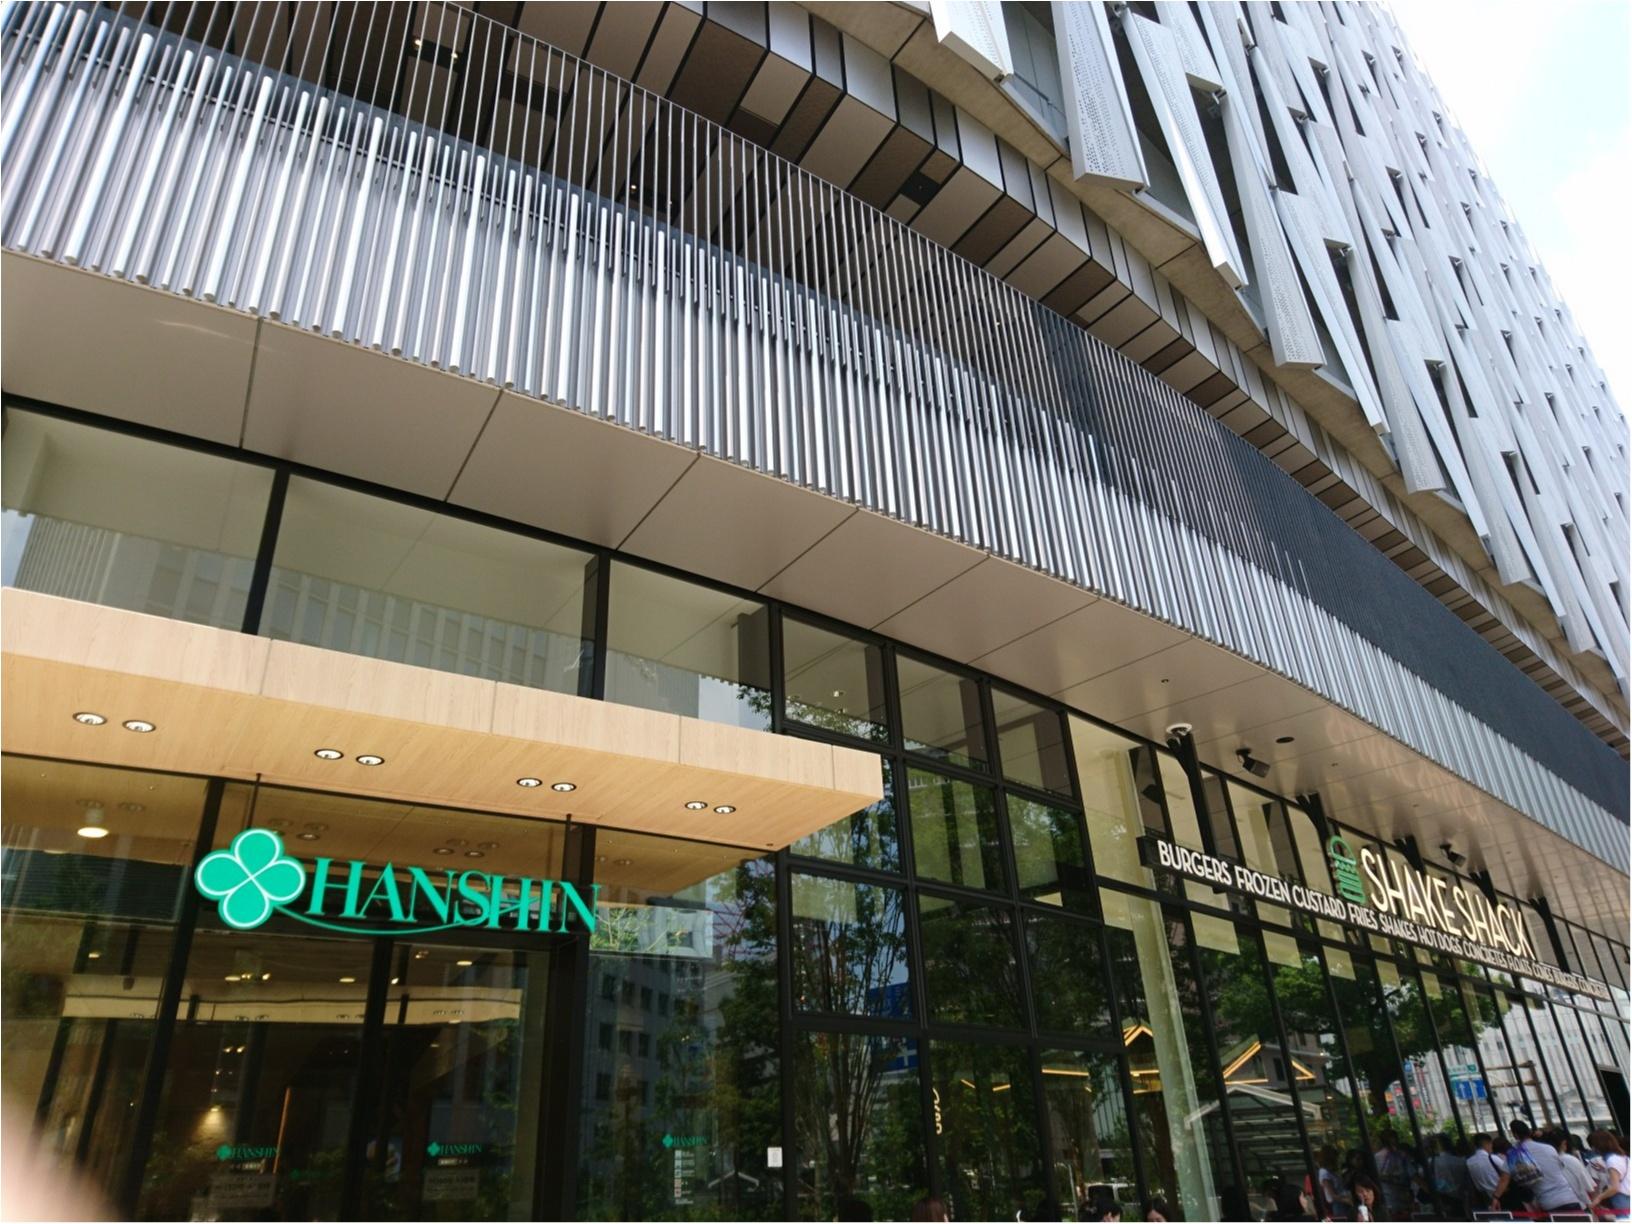 ≪大阪・梅田≫百貨店がリニューアルオープン☆関西初出店・話題のバーガーを食べてきました!_2